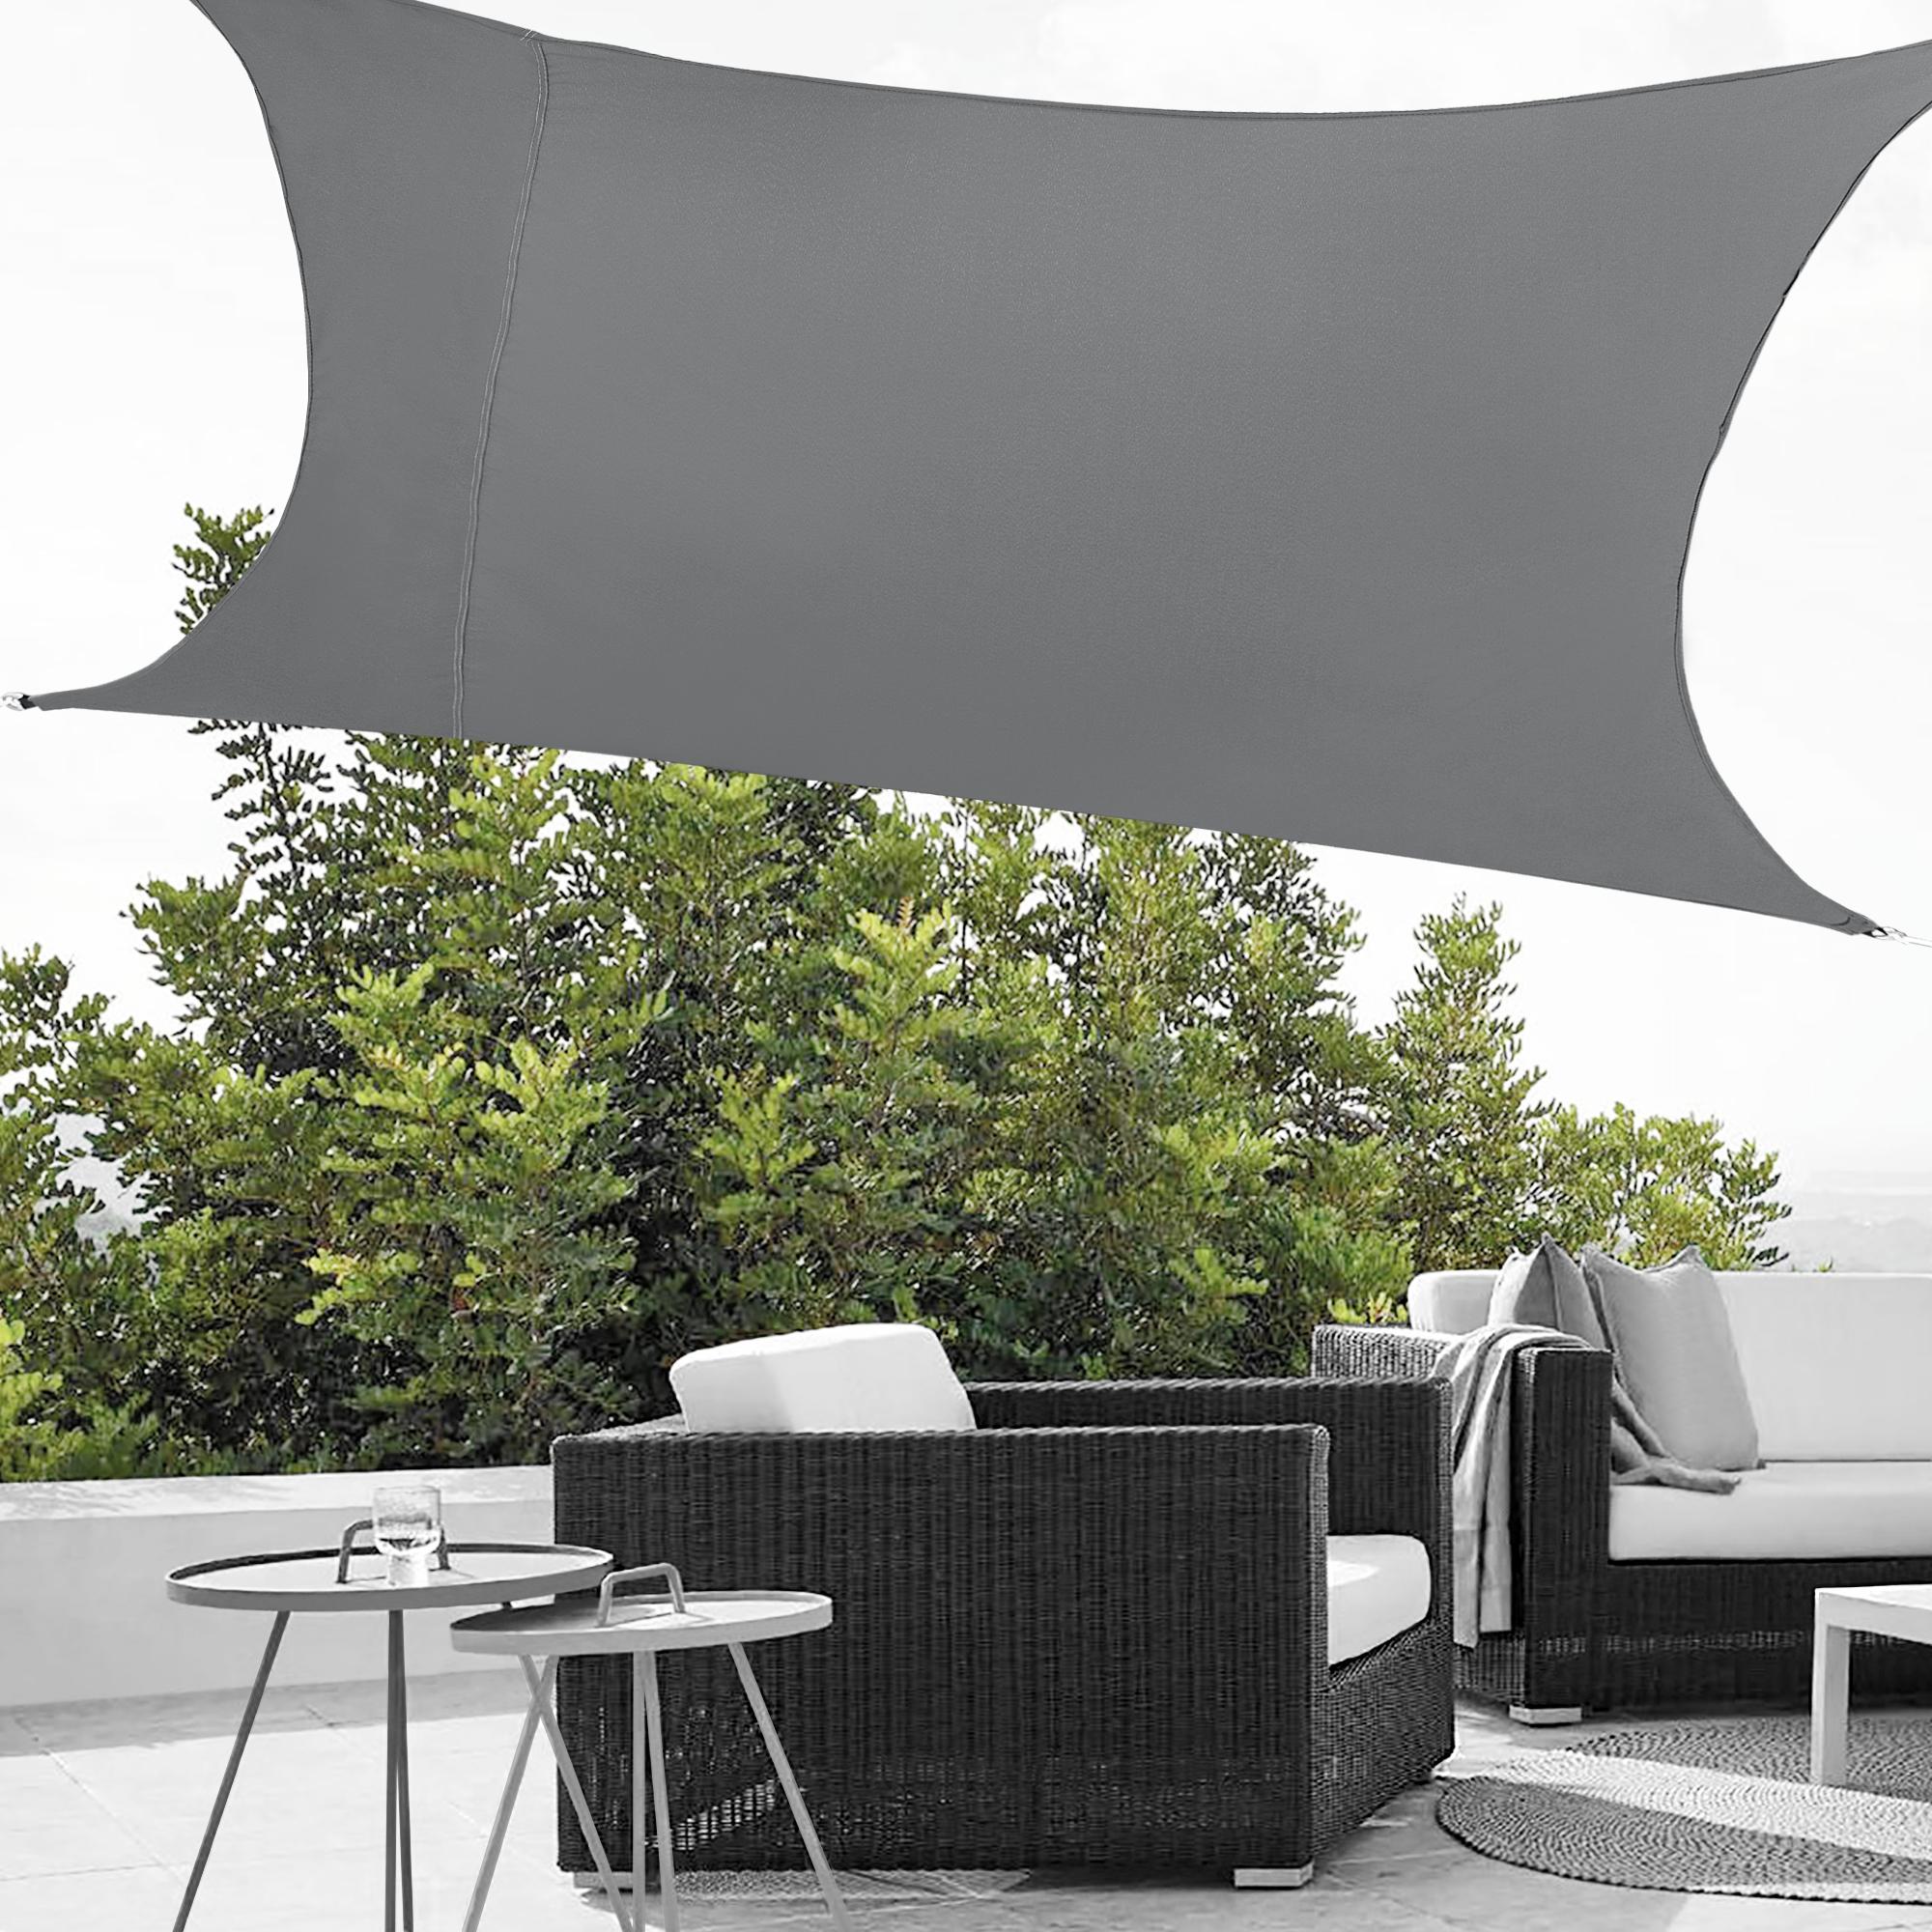 BUONDAC Toldo Vela de Sombra 3x3 Metros Impermeable de Tela Parasol para Jardin Terraza Patio Gris